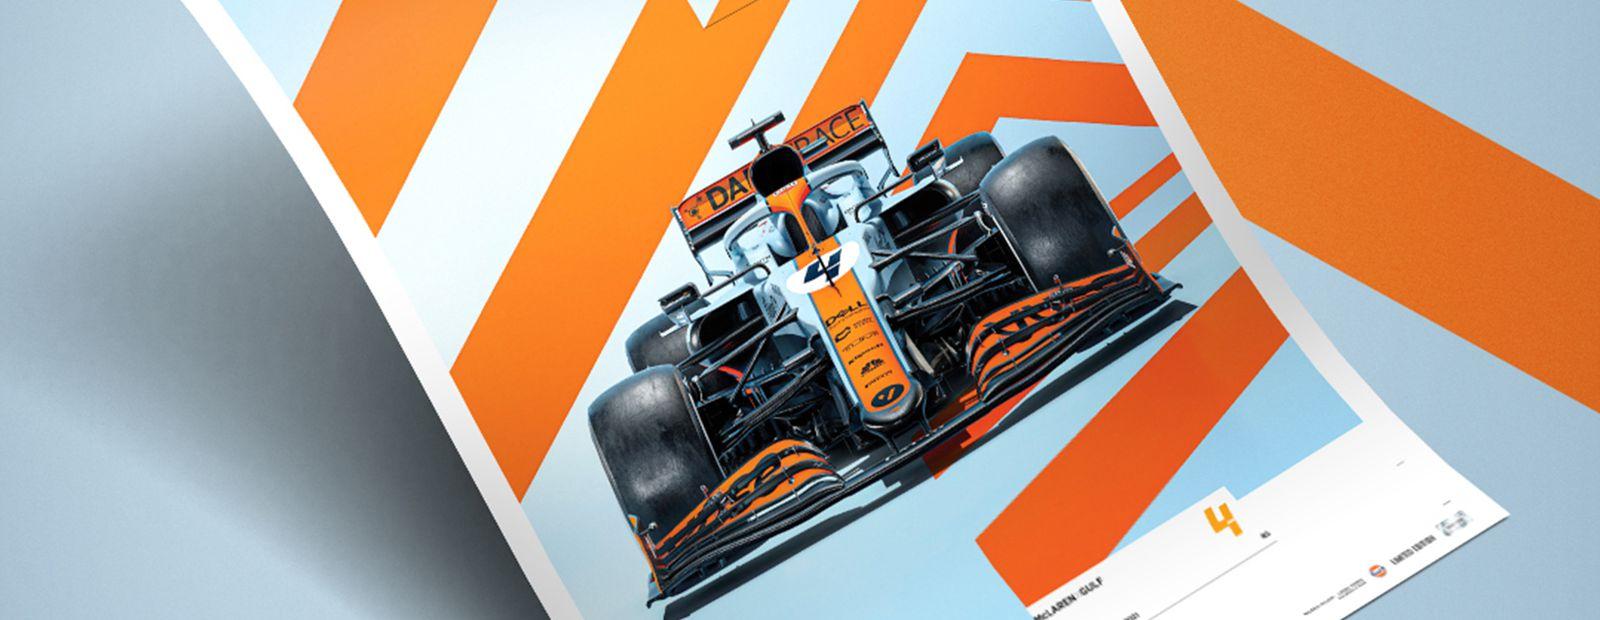 موقعة وموقعة من قبل McLaren x Bay Posters